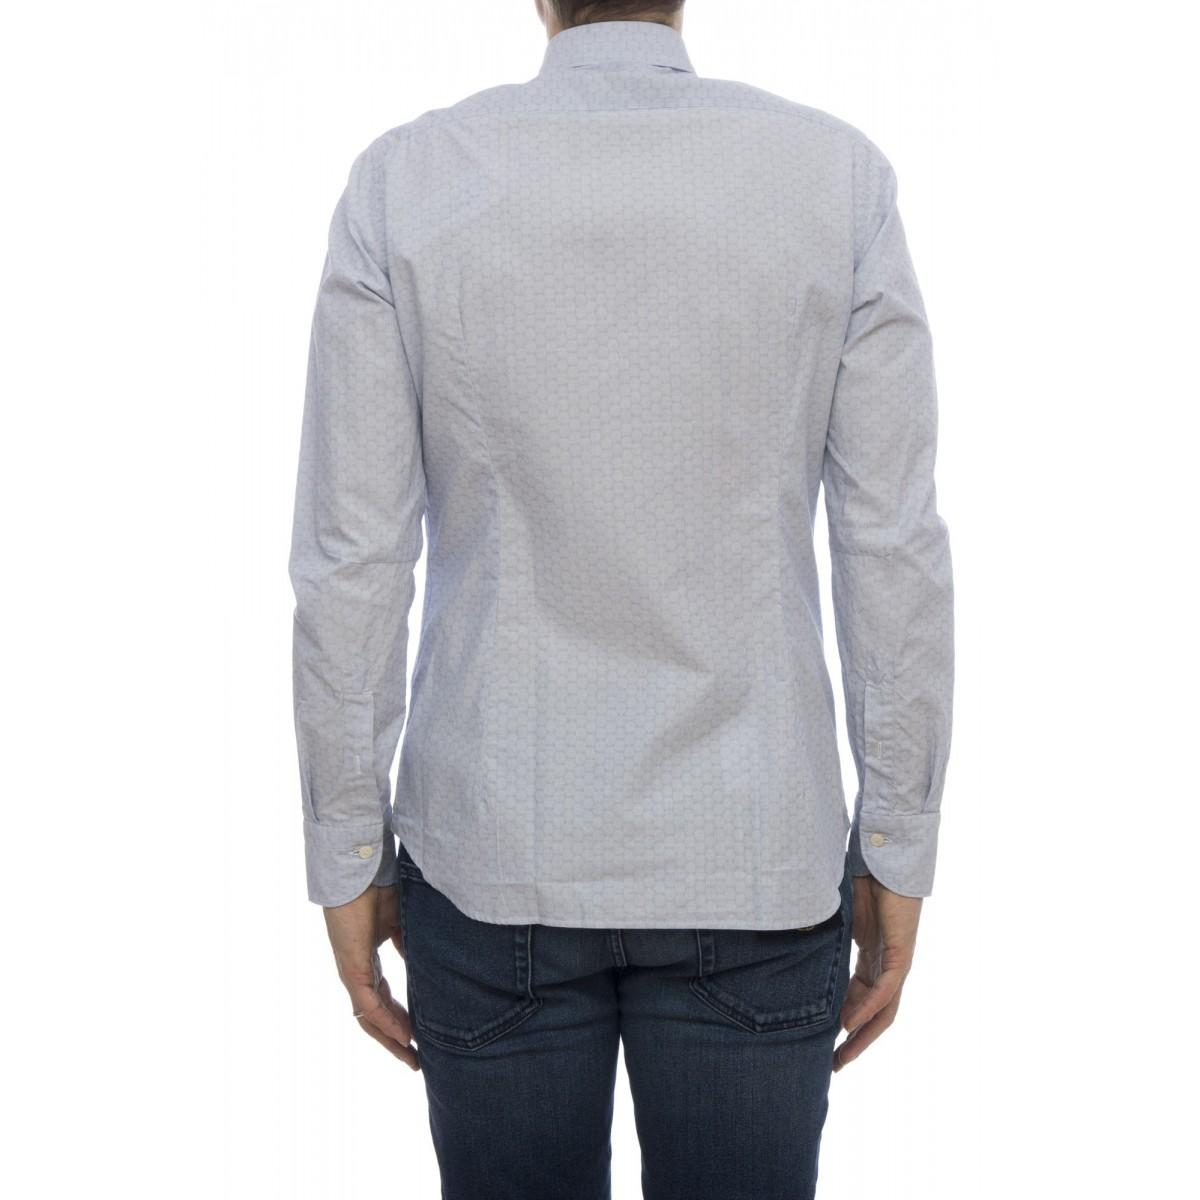 Camicia - U5g njw